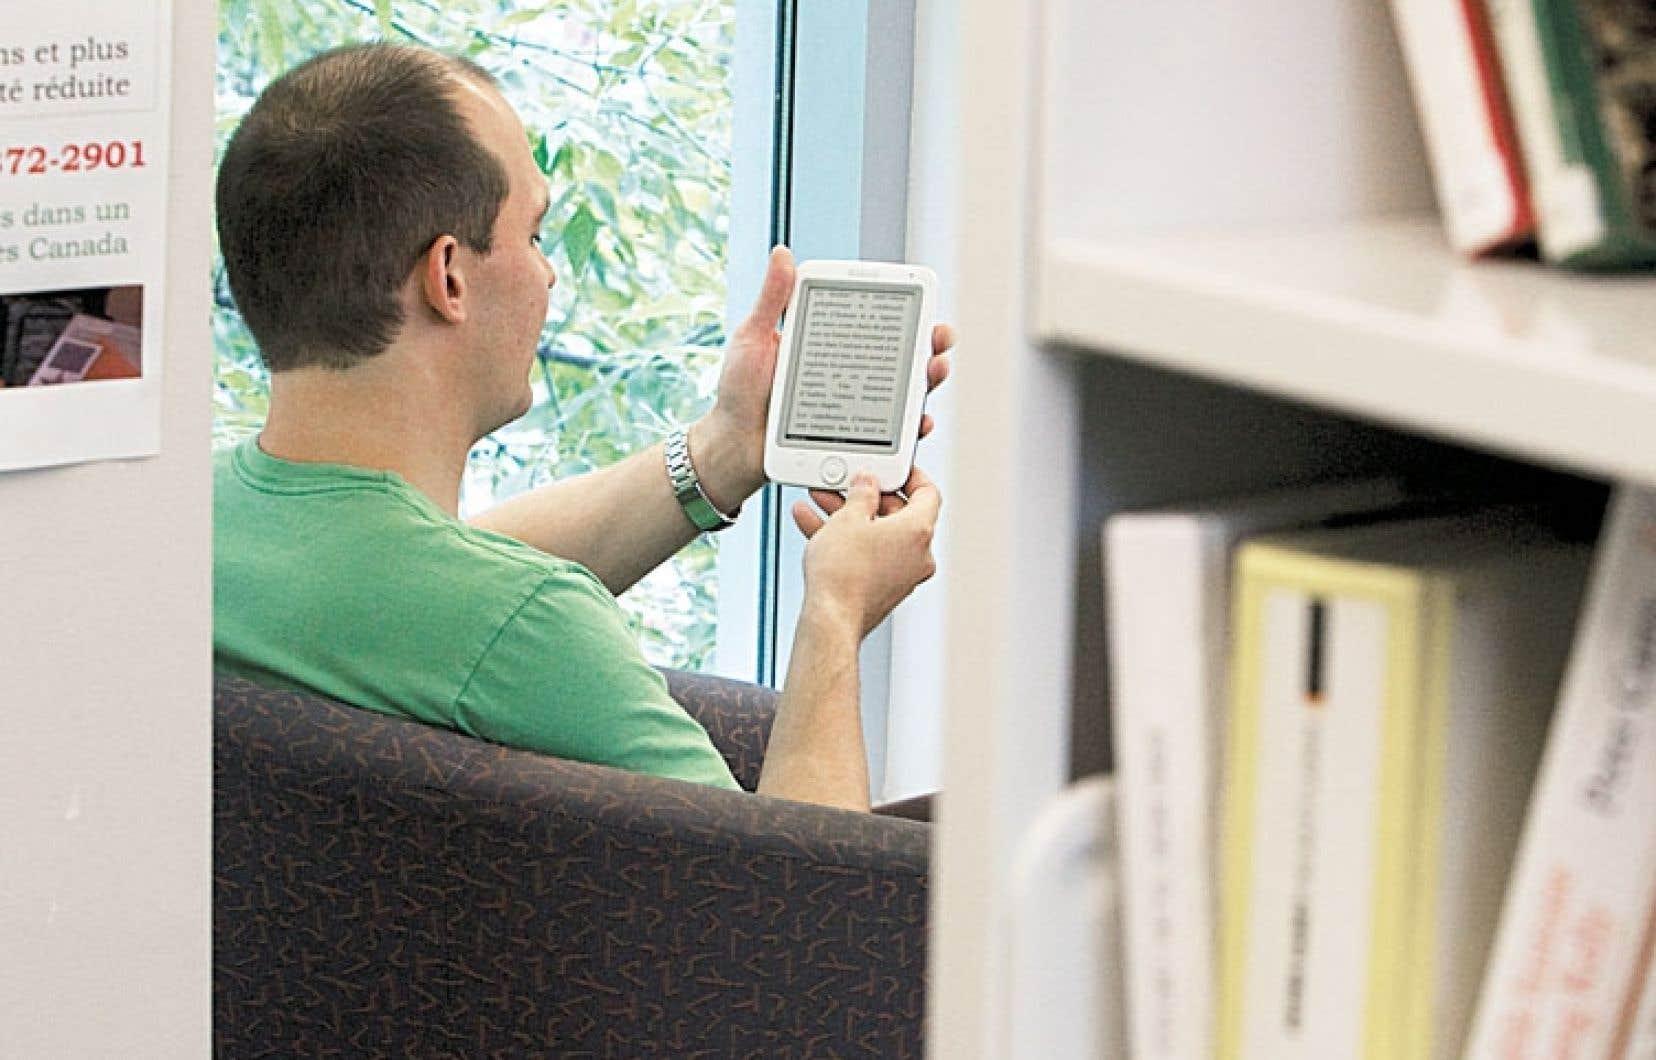 Les ventes numériques représentent environ 4 % du marché du livre au Québec.